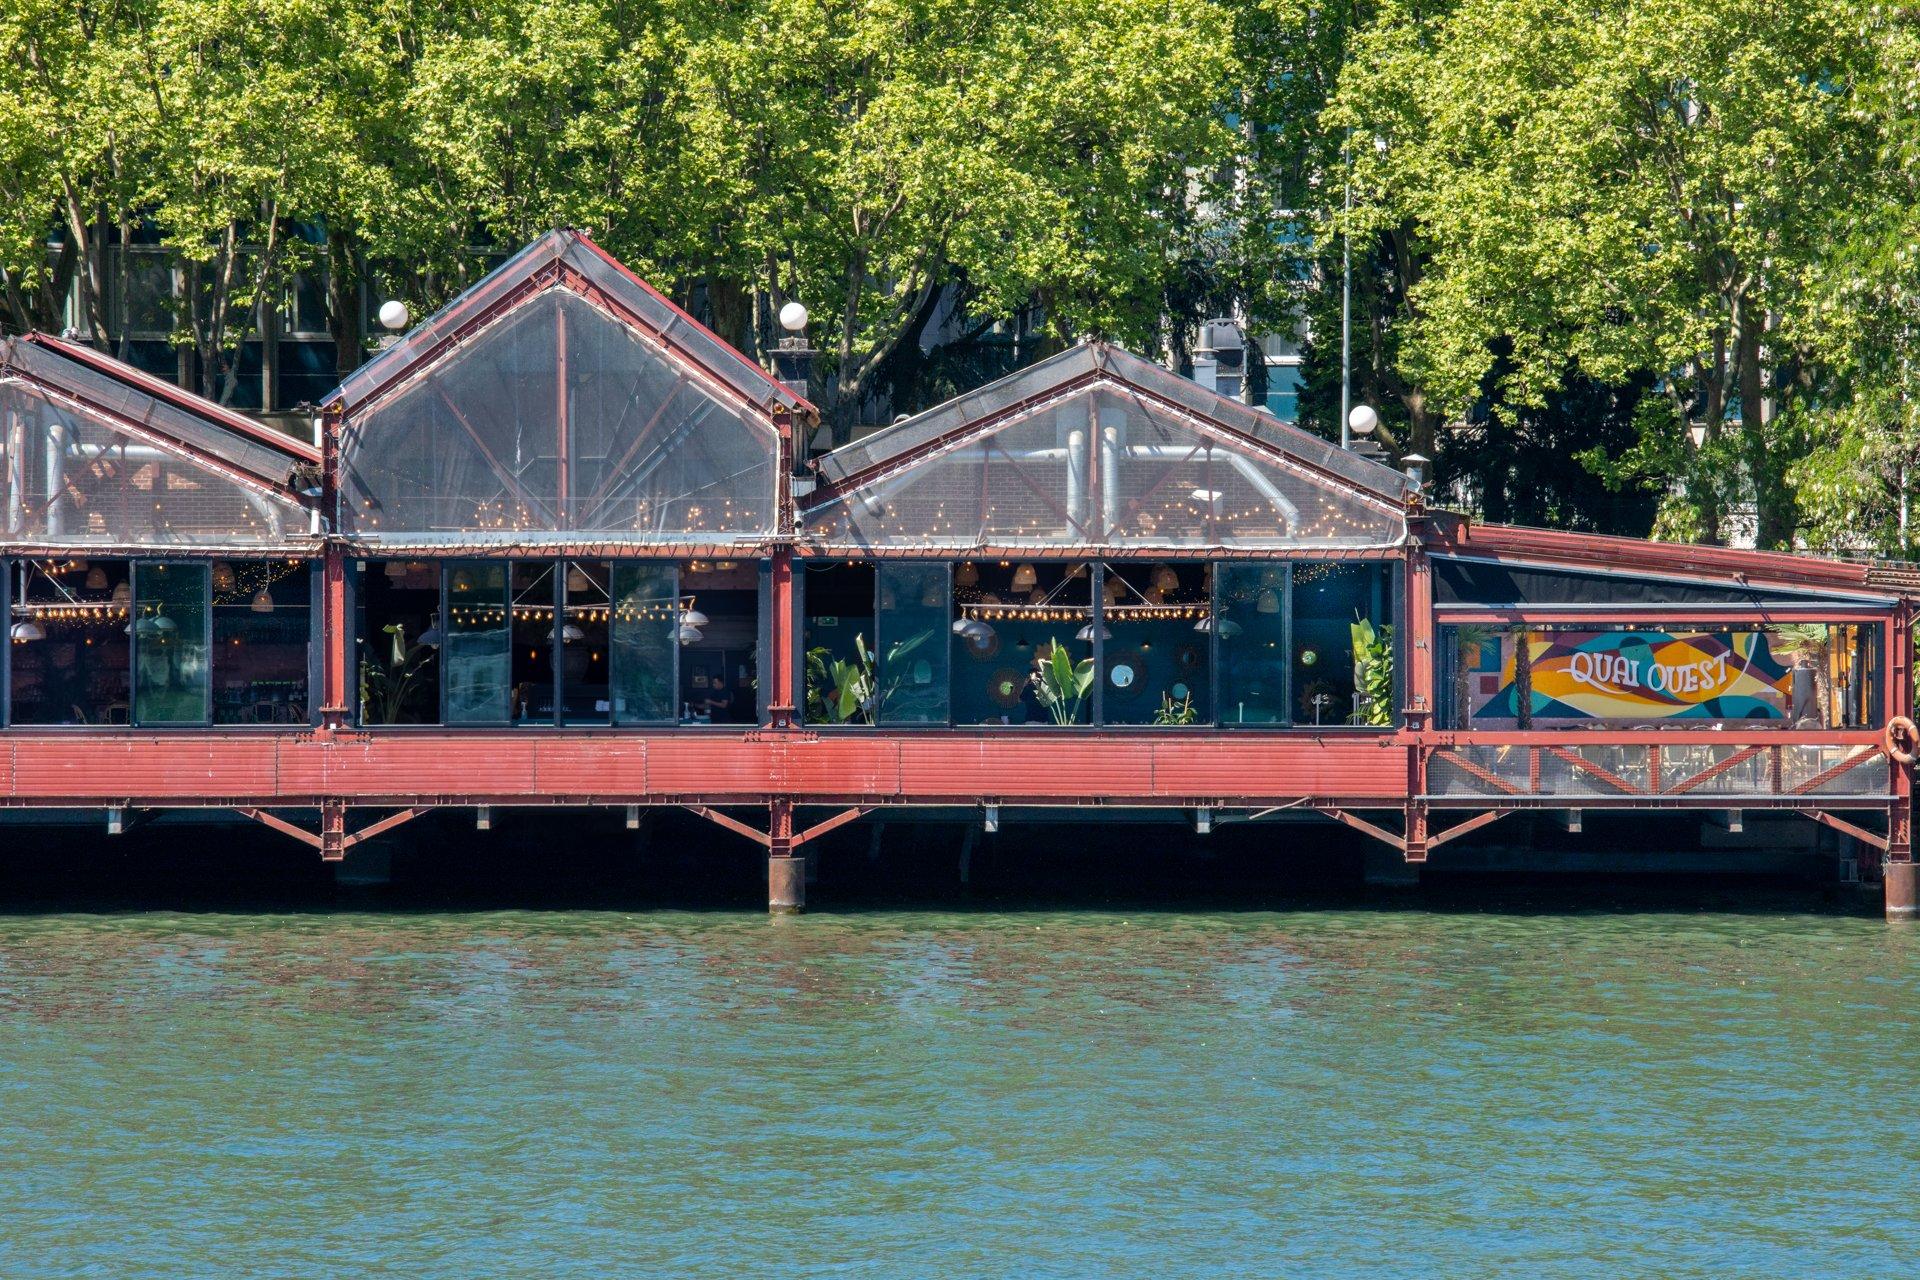 Restaurant St Cloud Quai Ouest